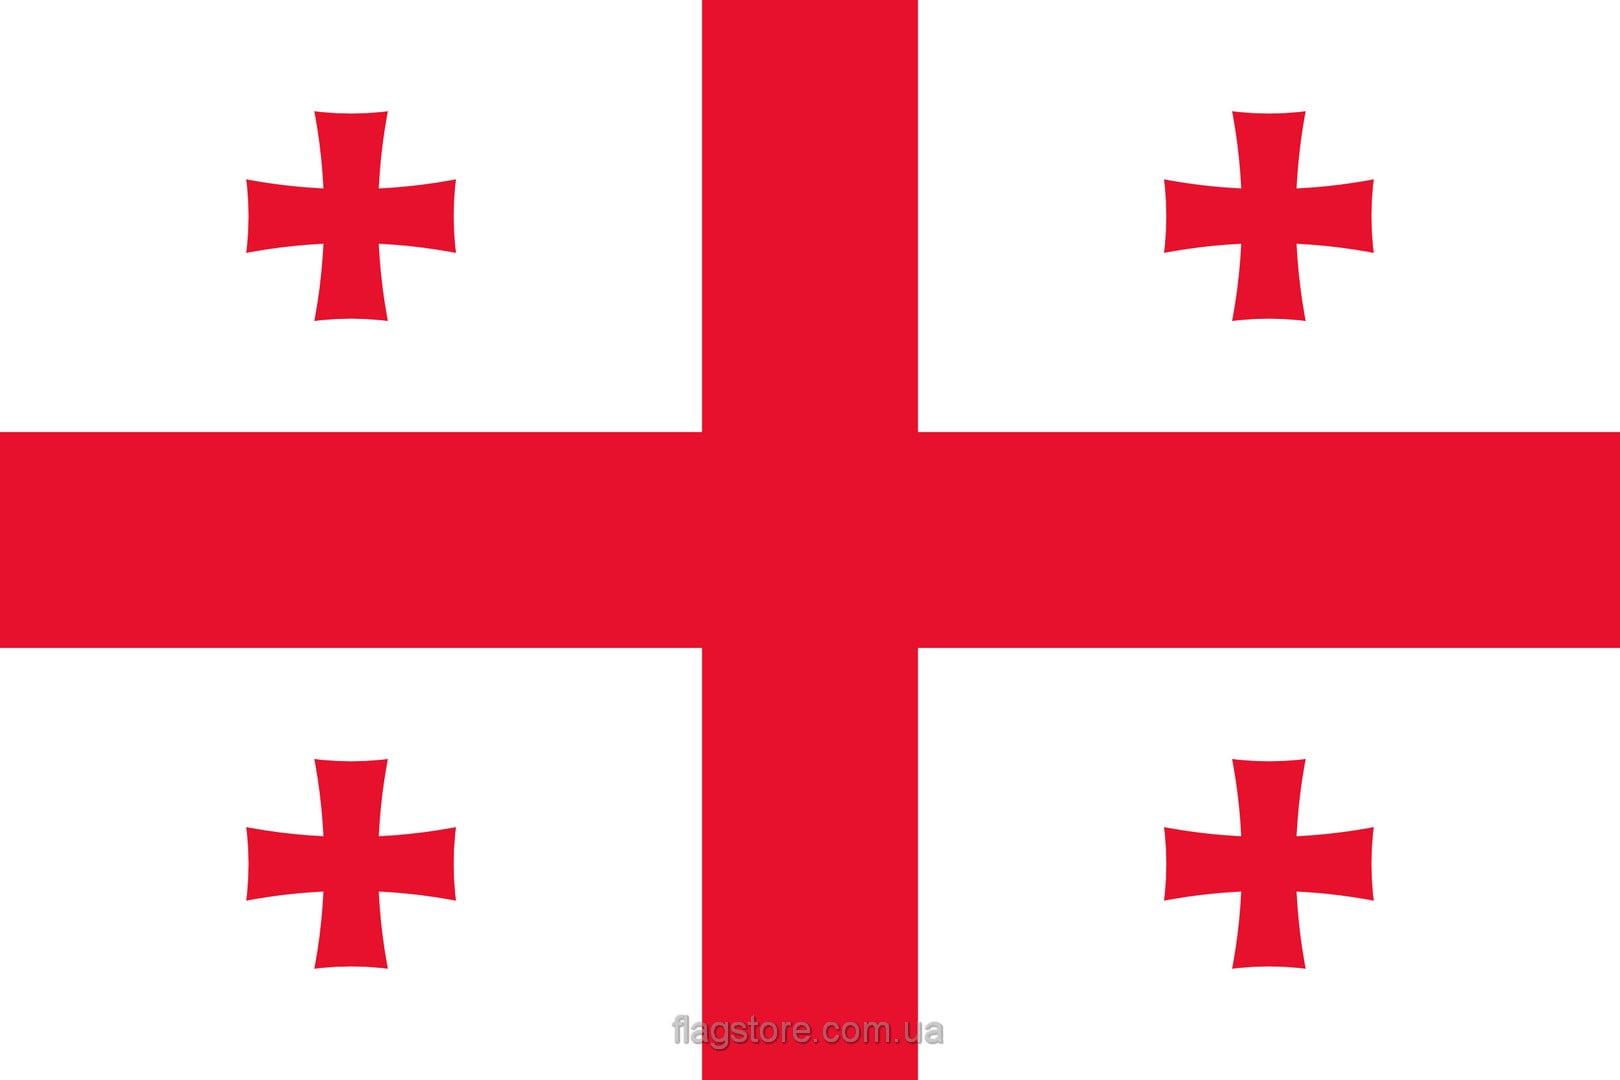 Купить флаг Грузии (страны Грузия)